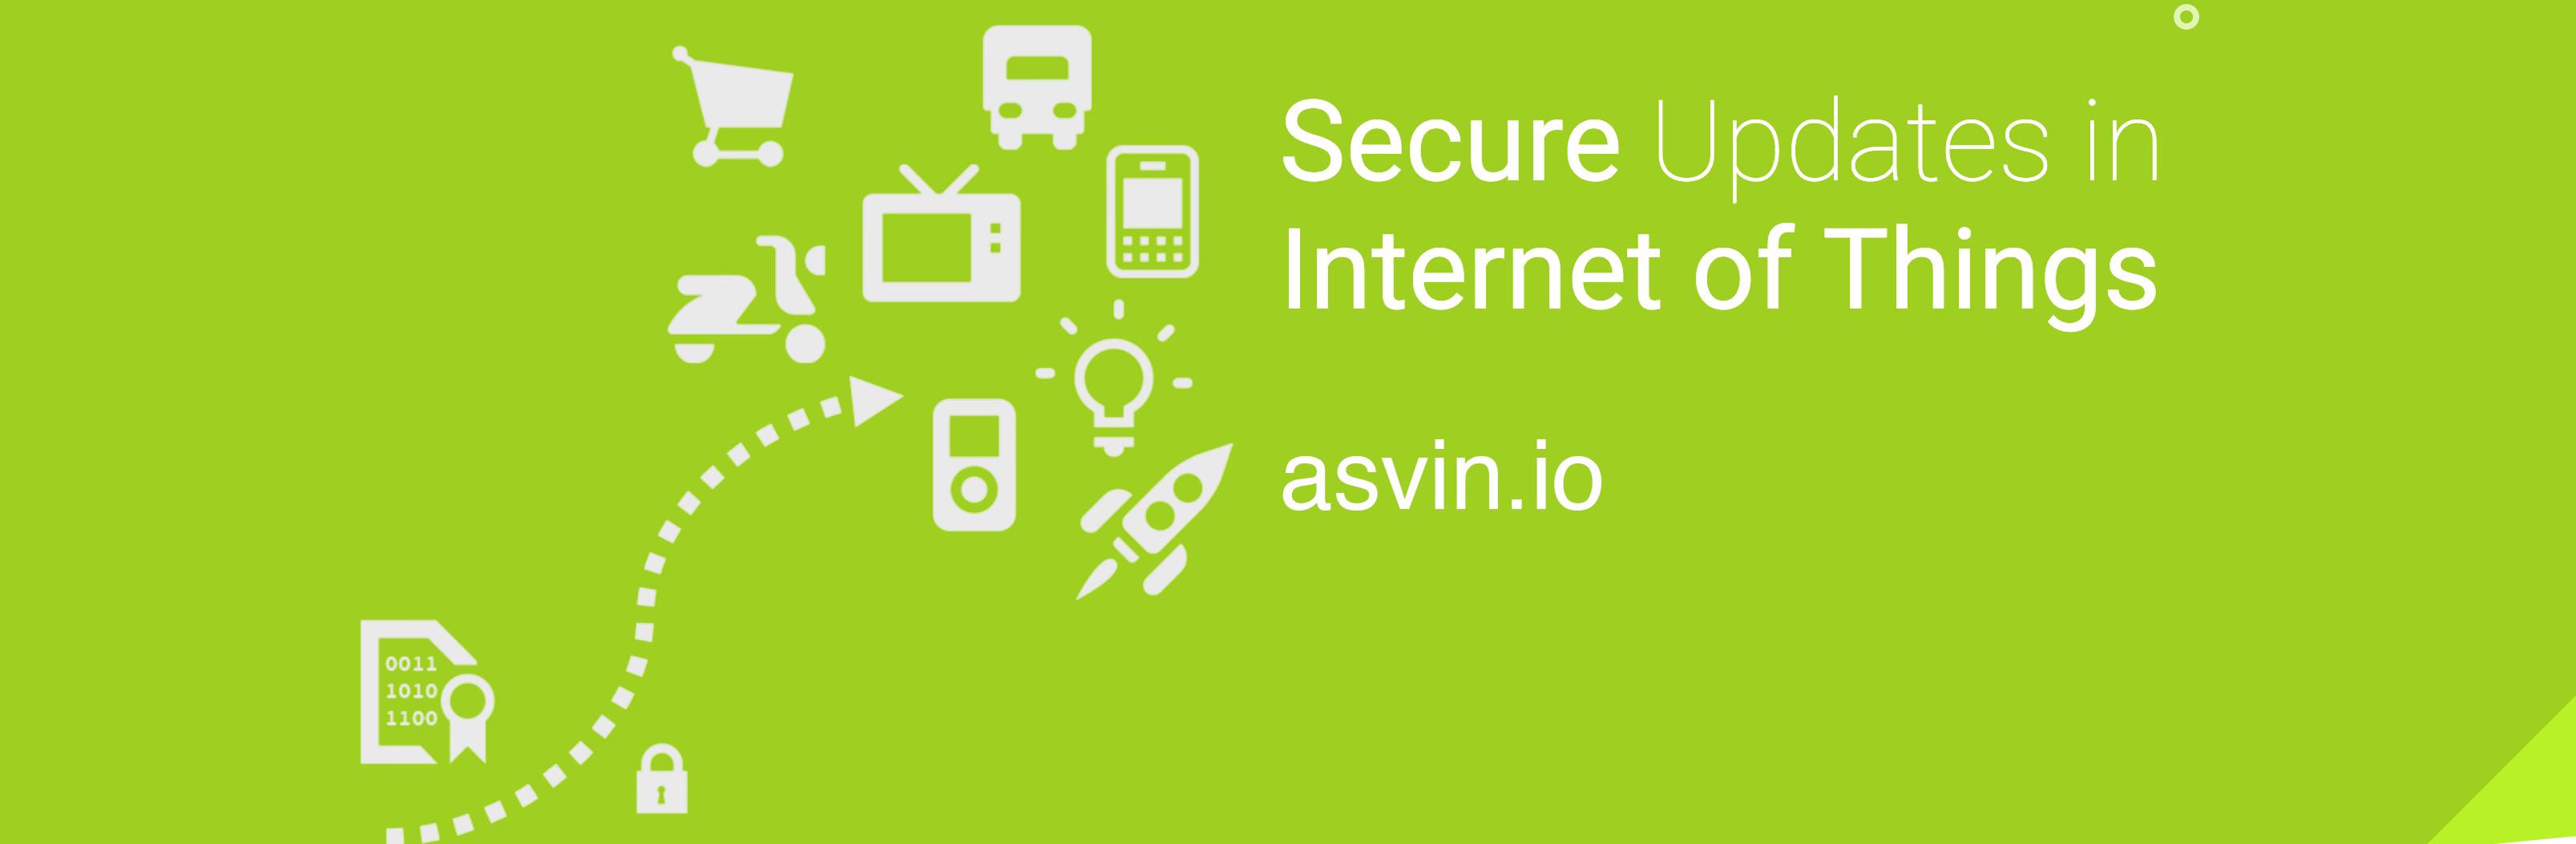 Stuttgarts heißestes Start-up vor dem Rollout: asvin.io macht das IoT sicher